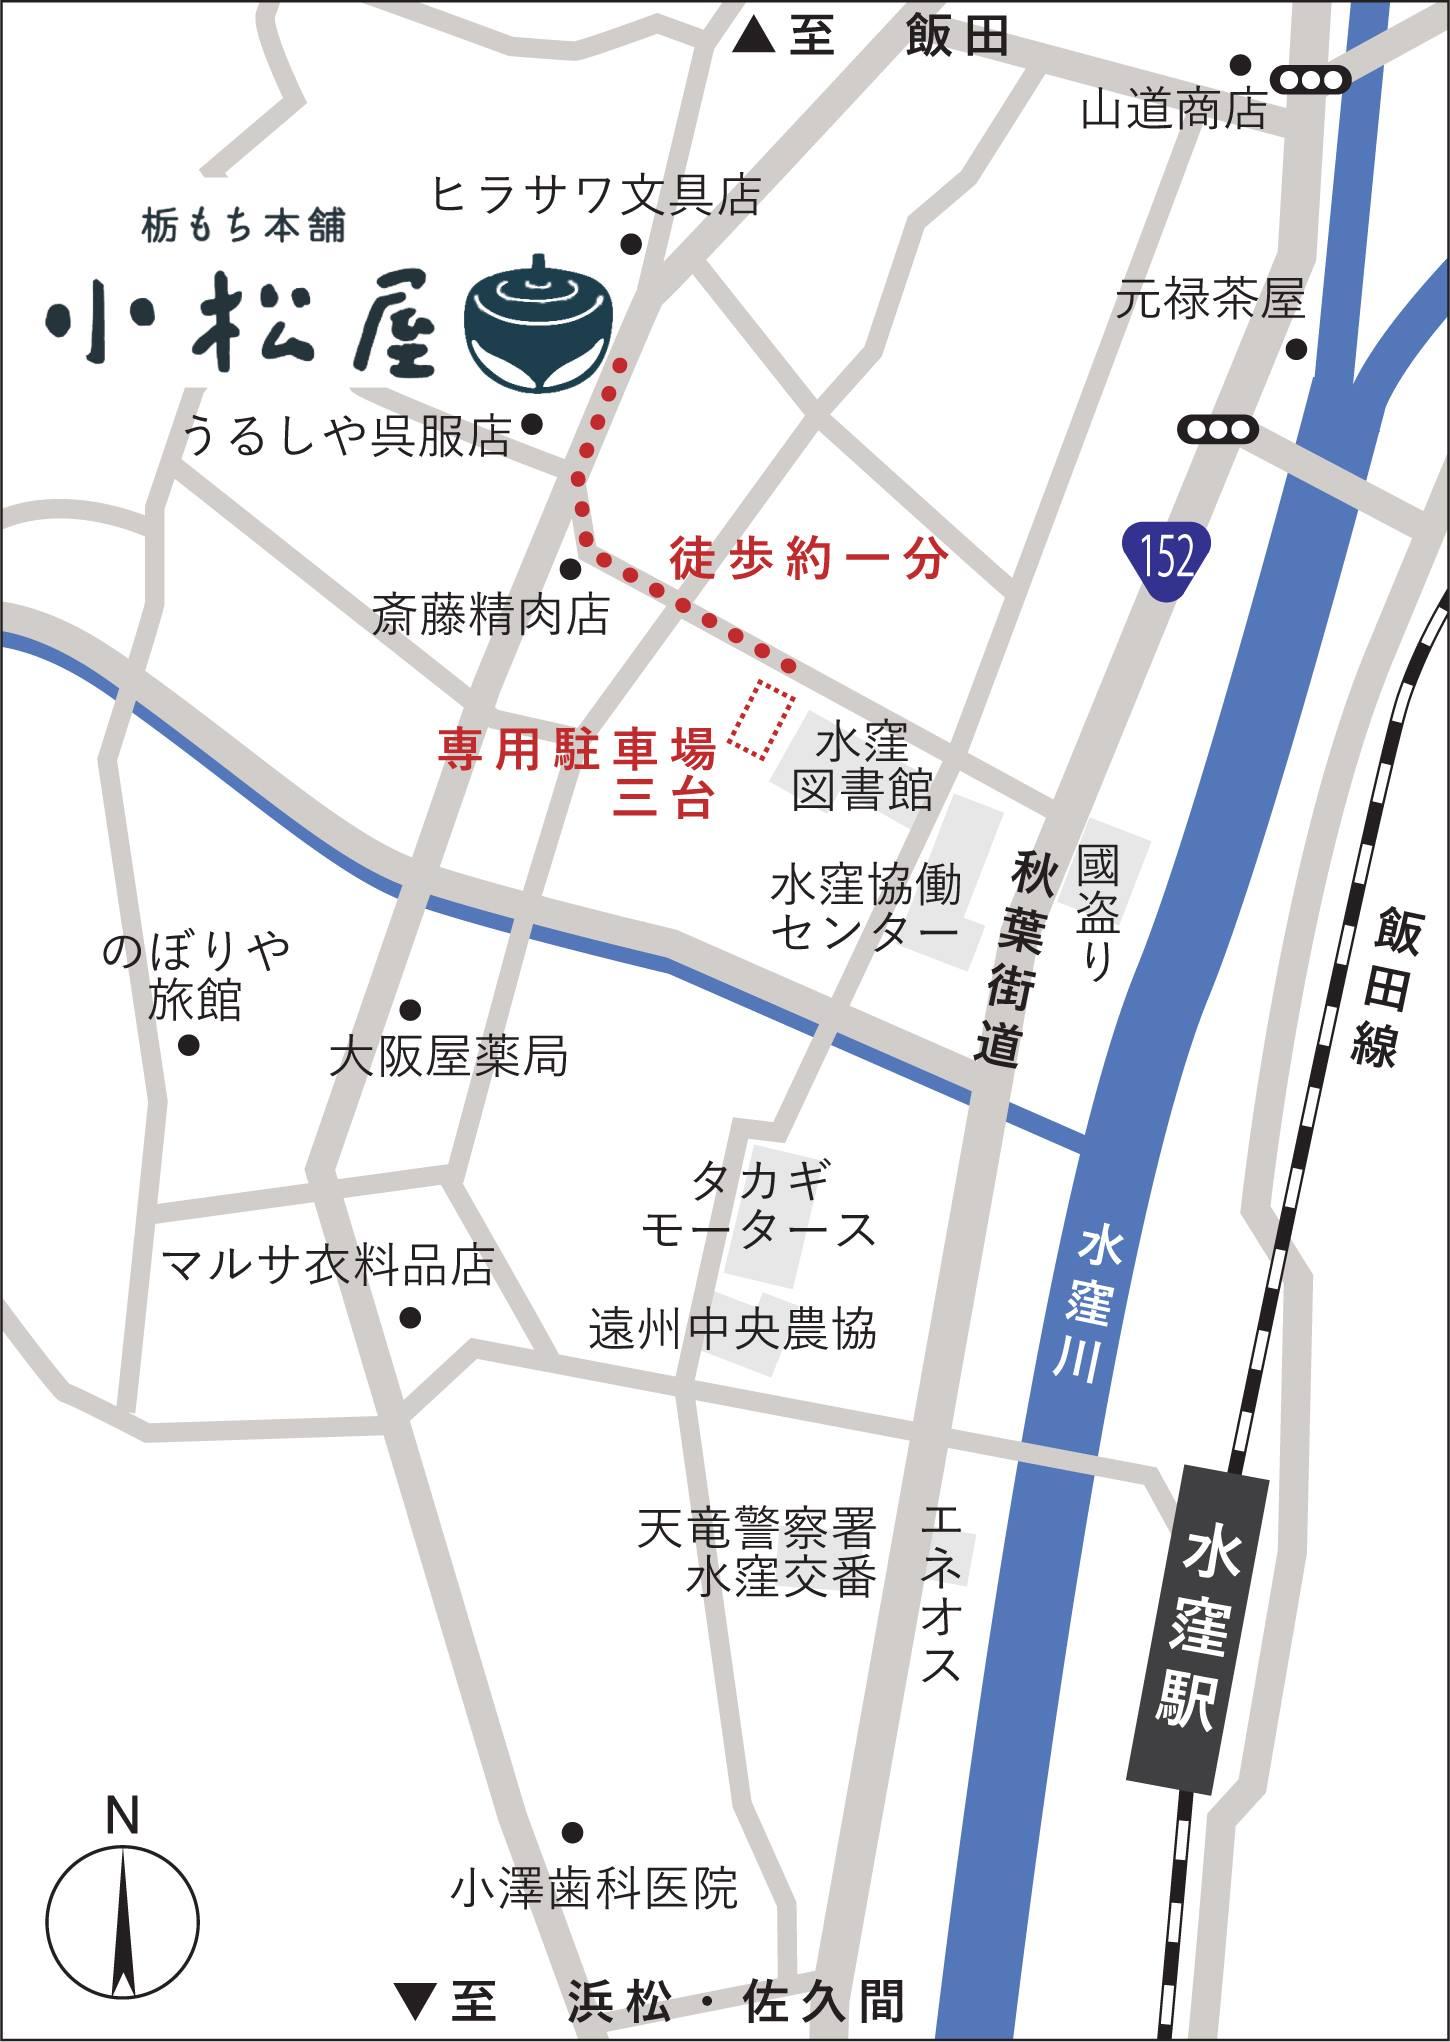 小松屋製菓 駐車場案内地図